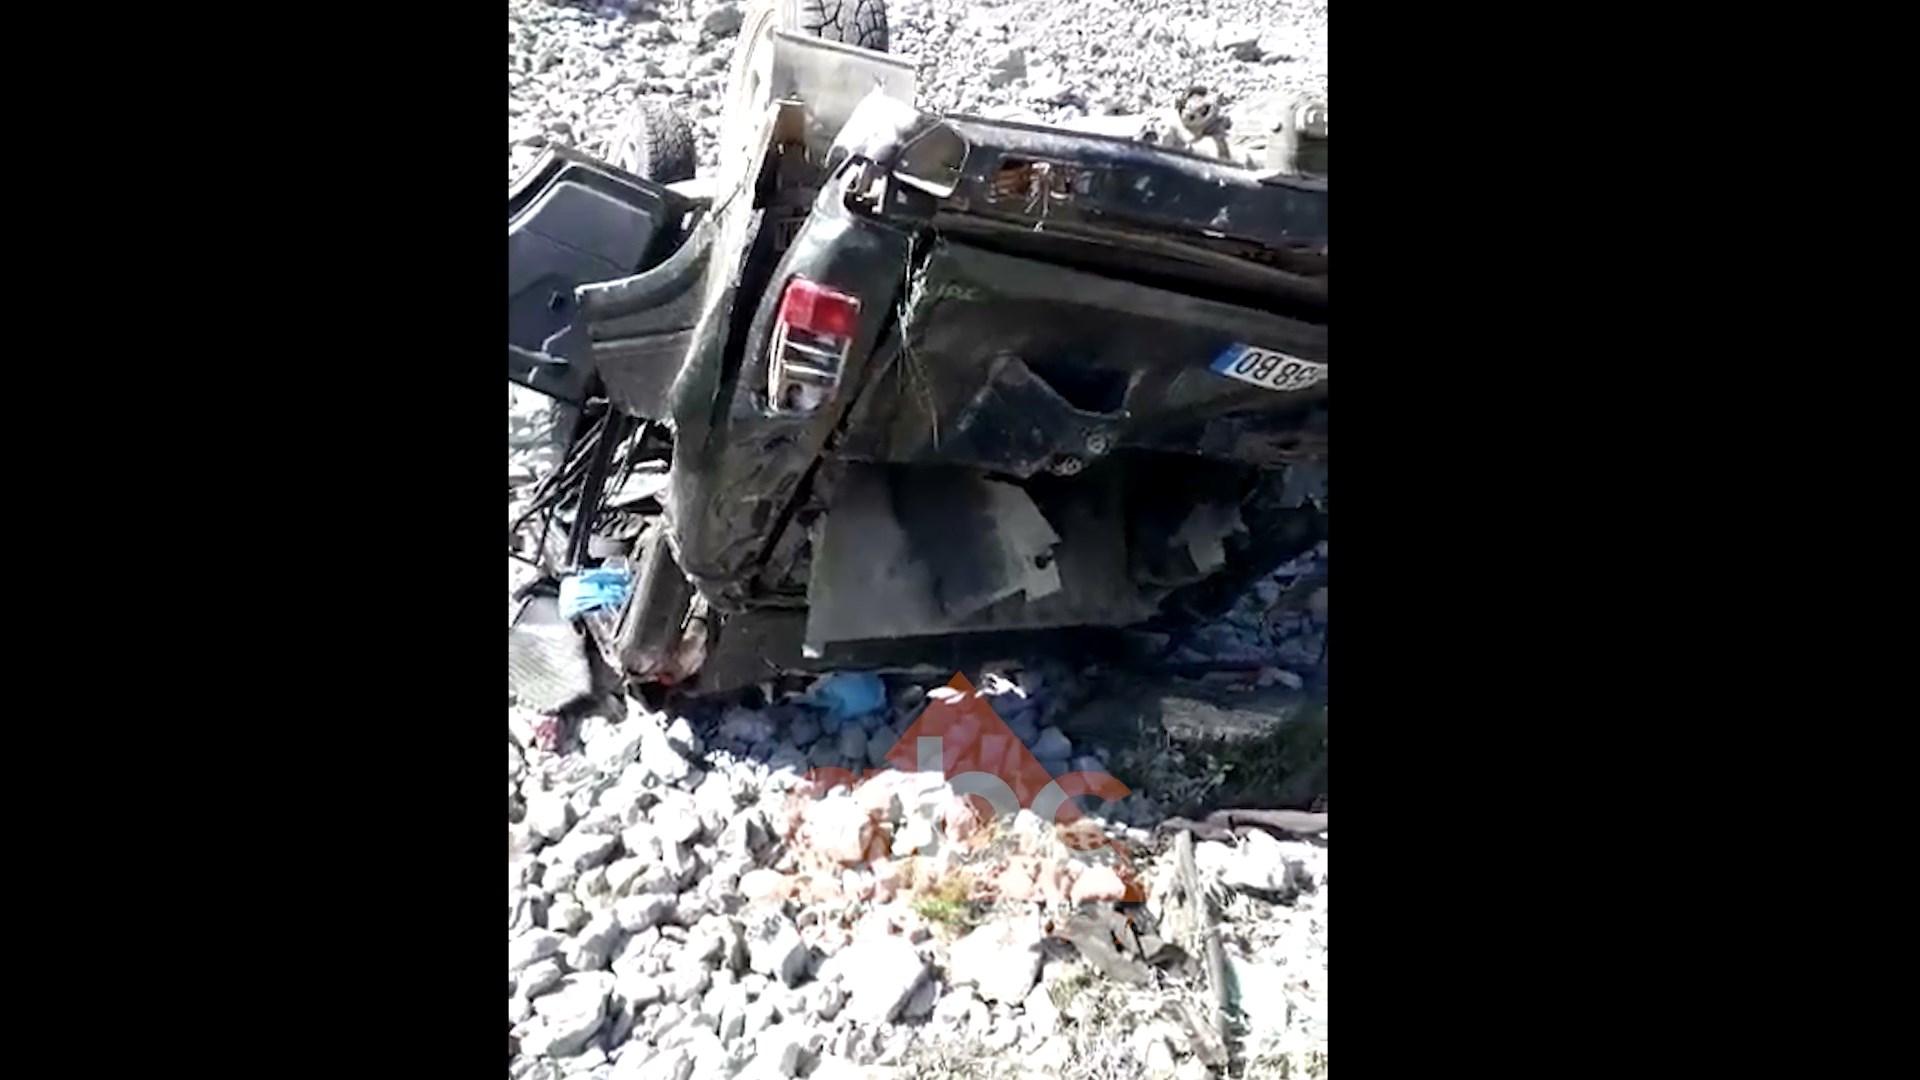 Makina bie në greminë në Krujë, humb jetën 52 vjeçari (video)